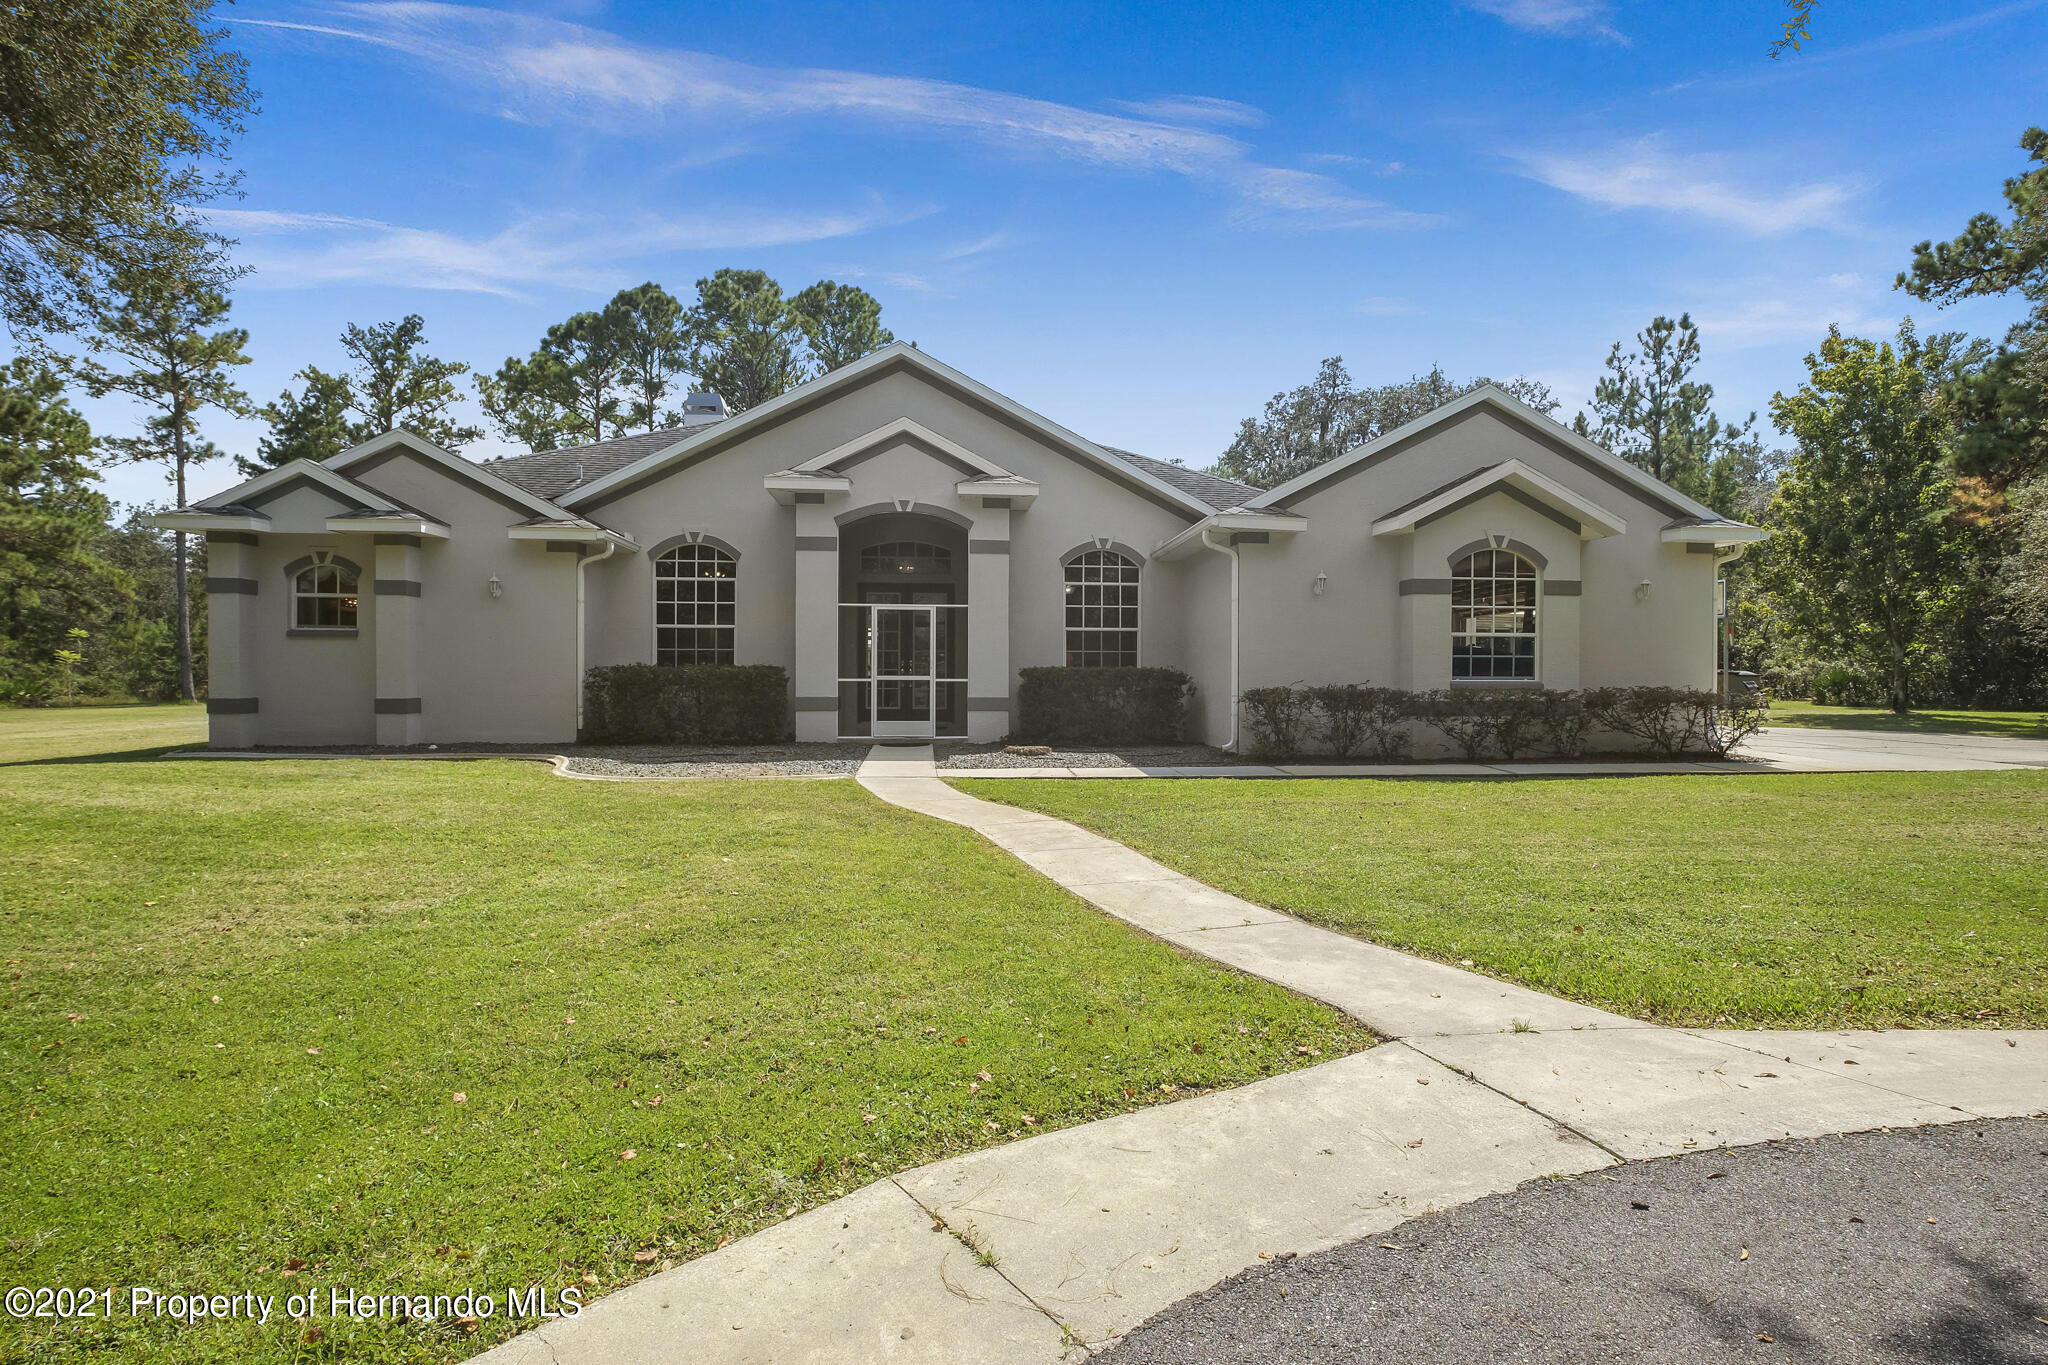 Details for 23268 Family Lane, Brooksville, FL 34602